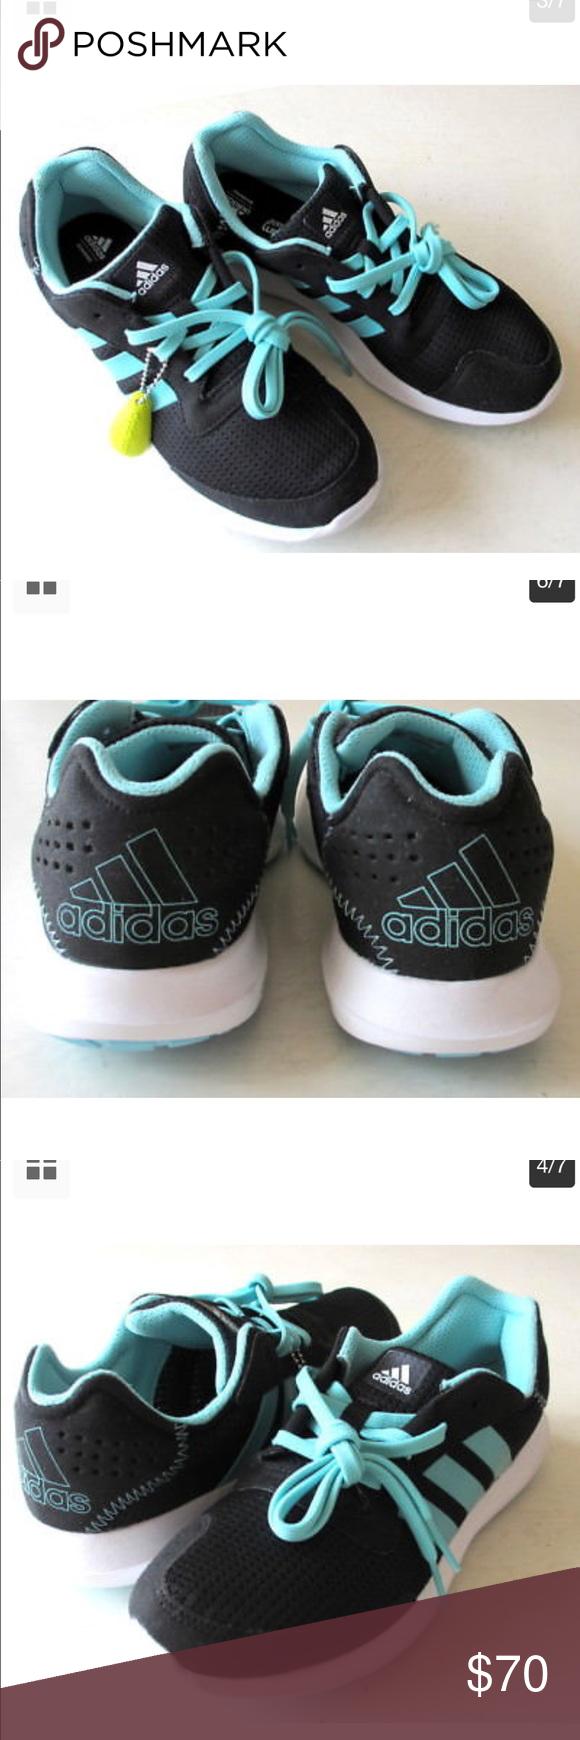 adidas nuvola schiuma ortholite correndo le scarpe da ginnastica nwt correndo.